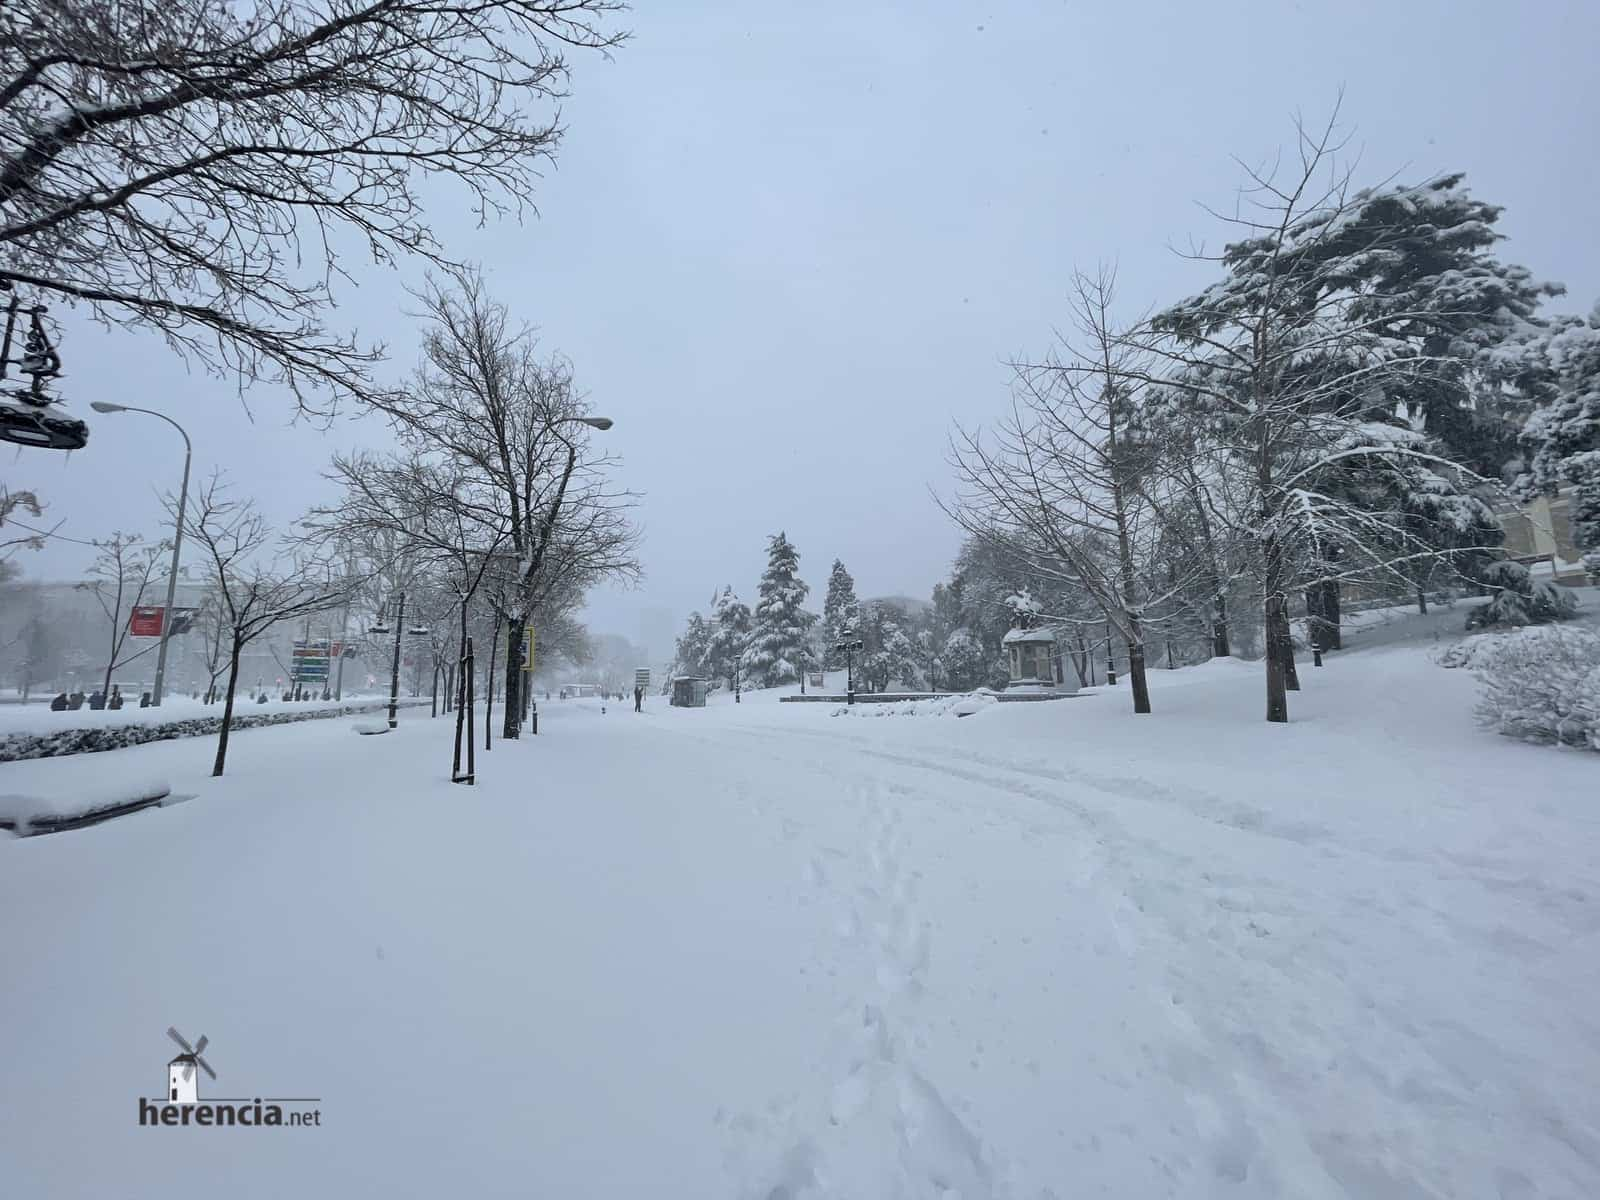 Más fotografías de las nieves de 2021 en Herencia 167